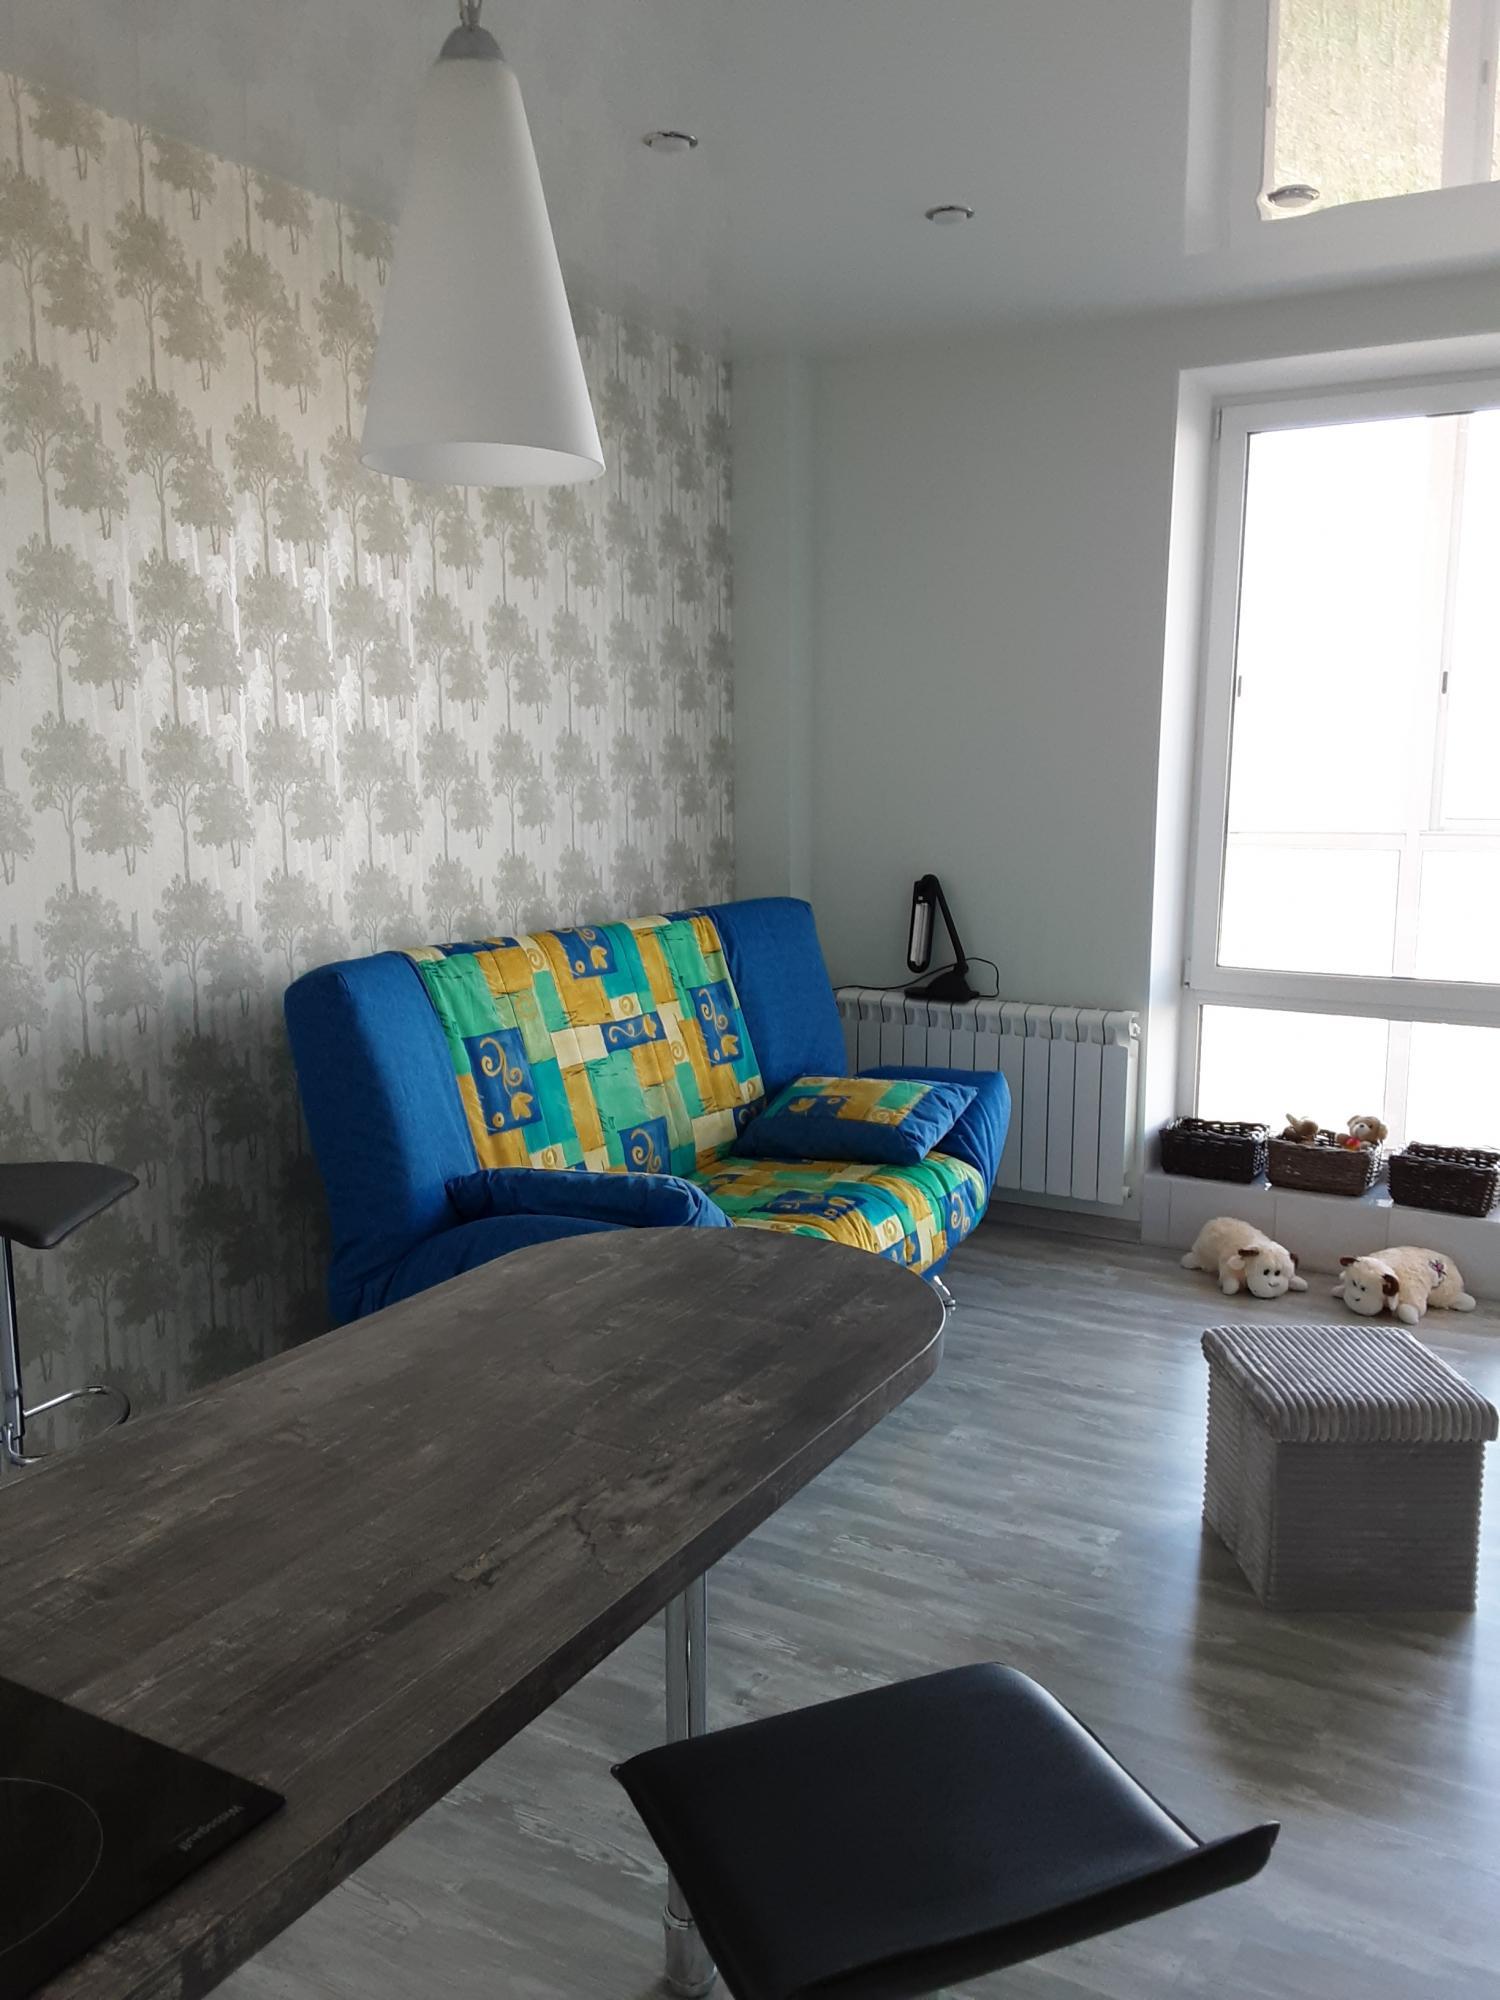 Квартира, студия, 26 м² в Люберцах 89773577037 купить 3